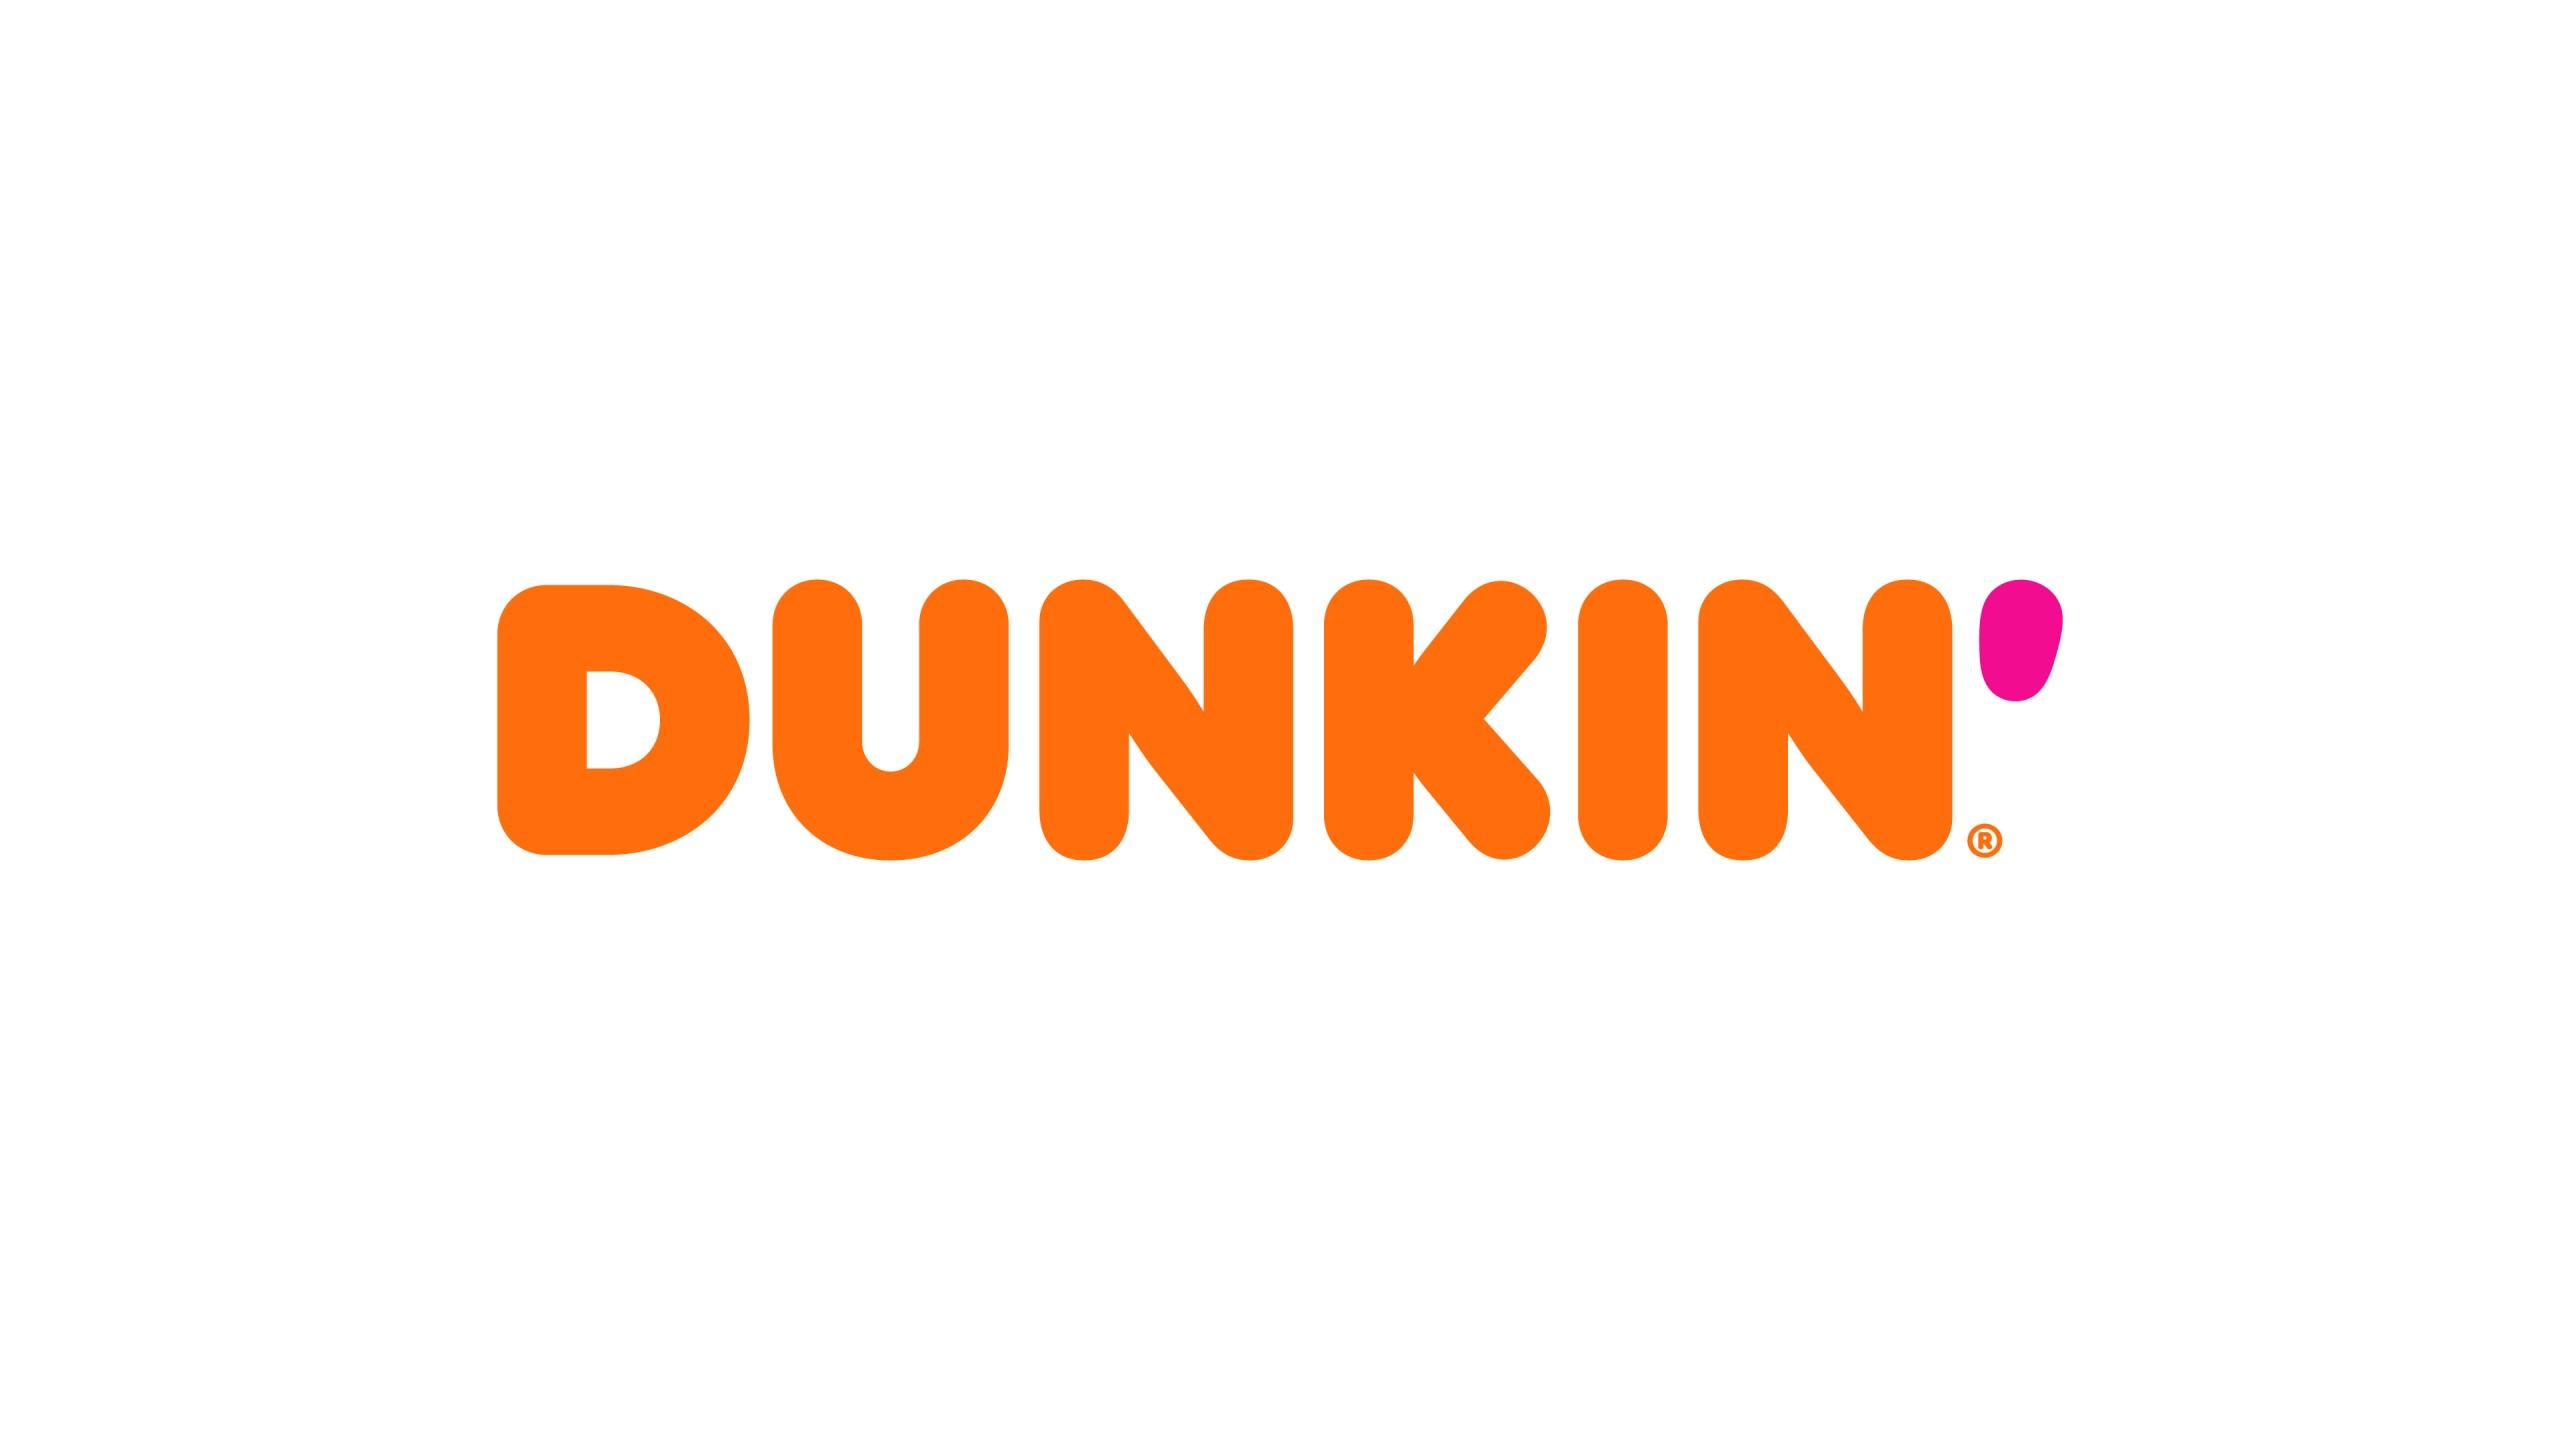 Dunkin'_Donuts_Name_Change_41370-159532.jpg36491818